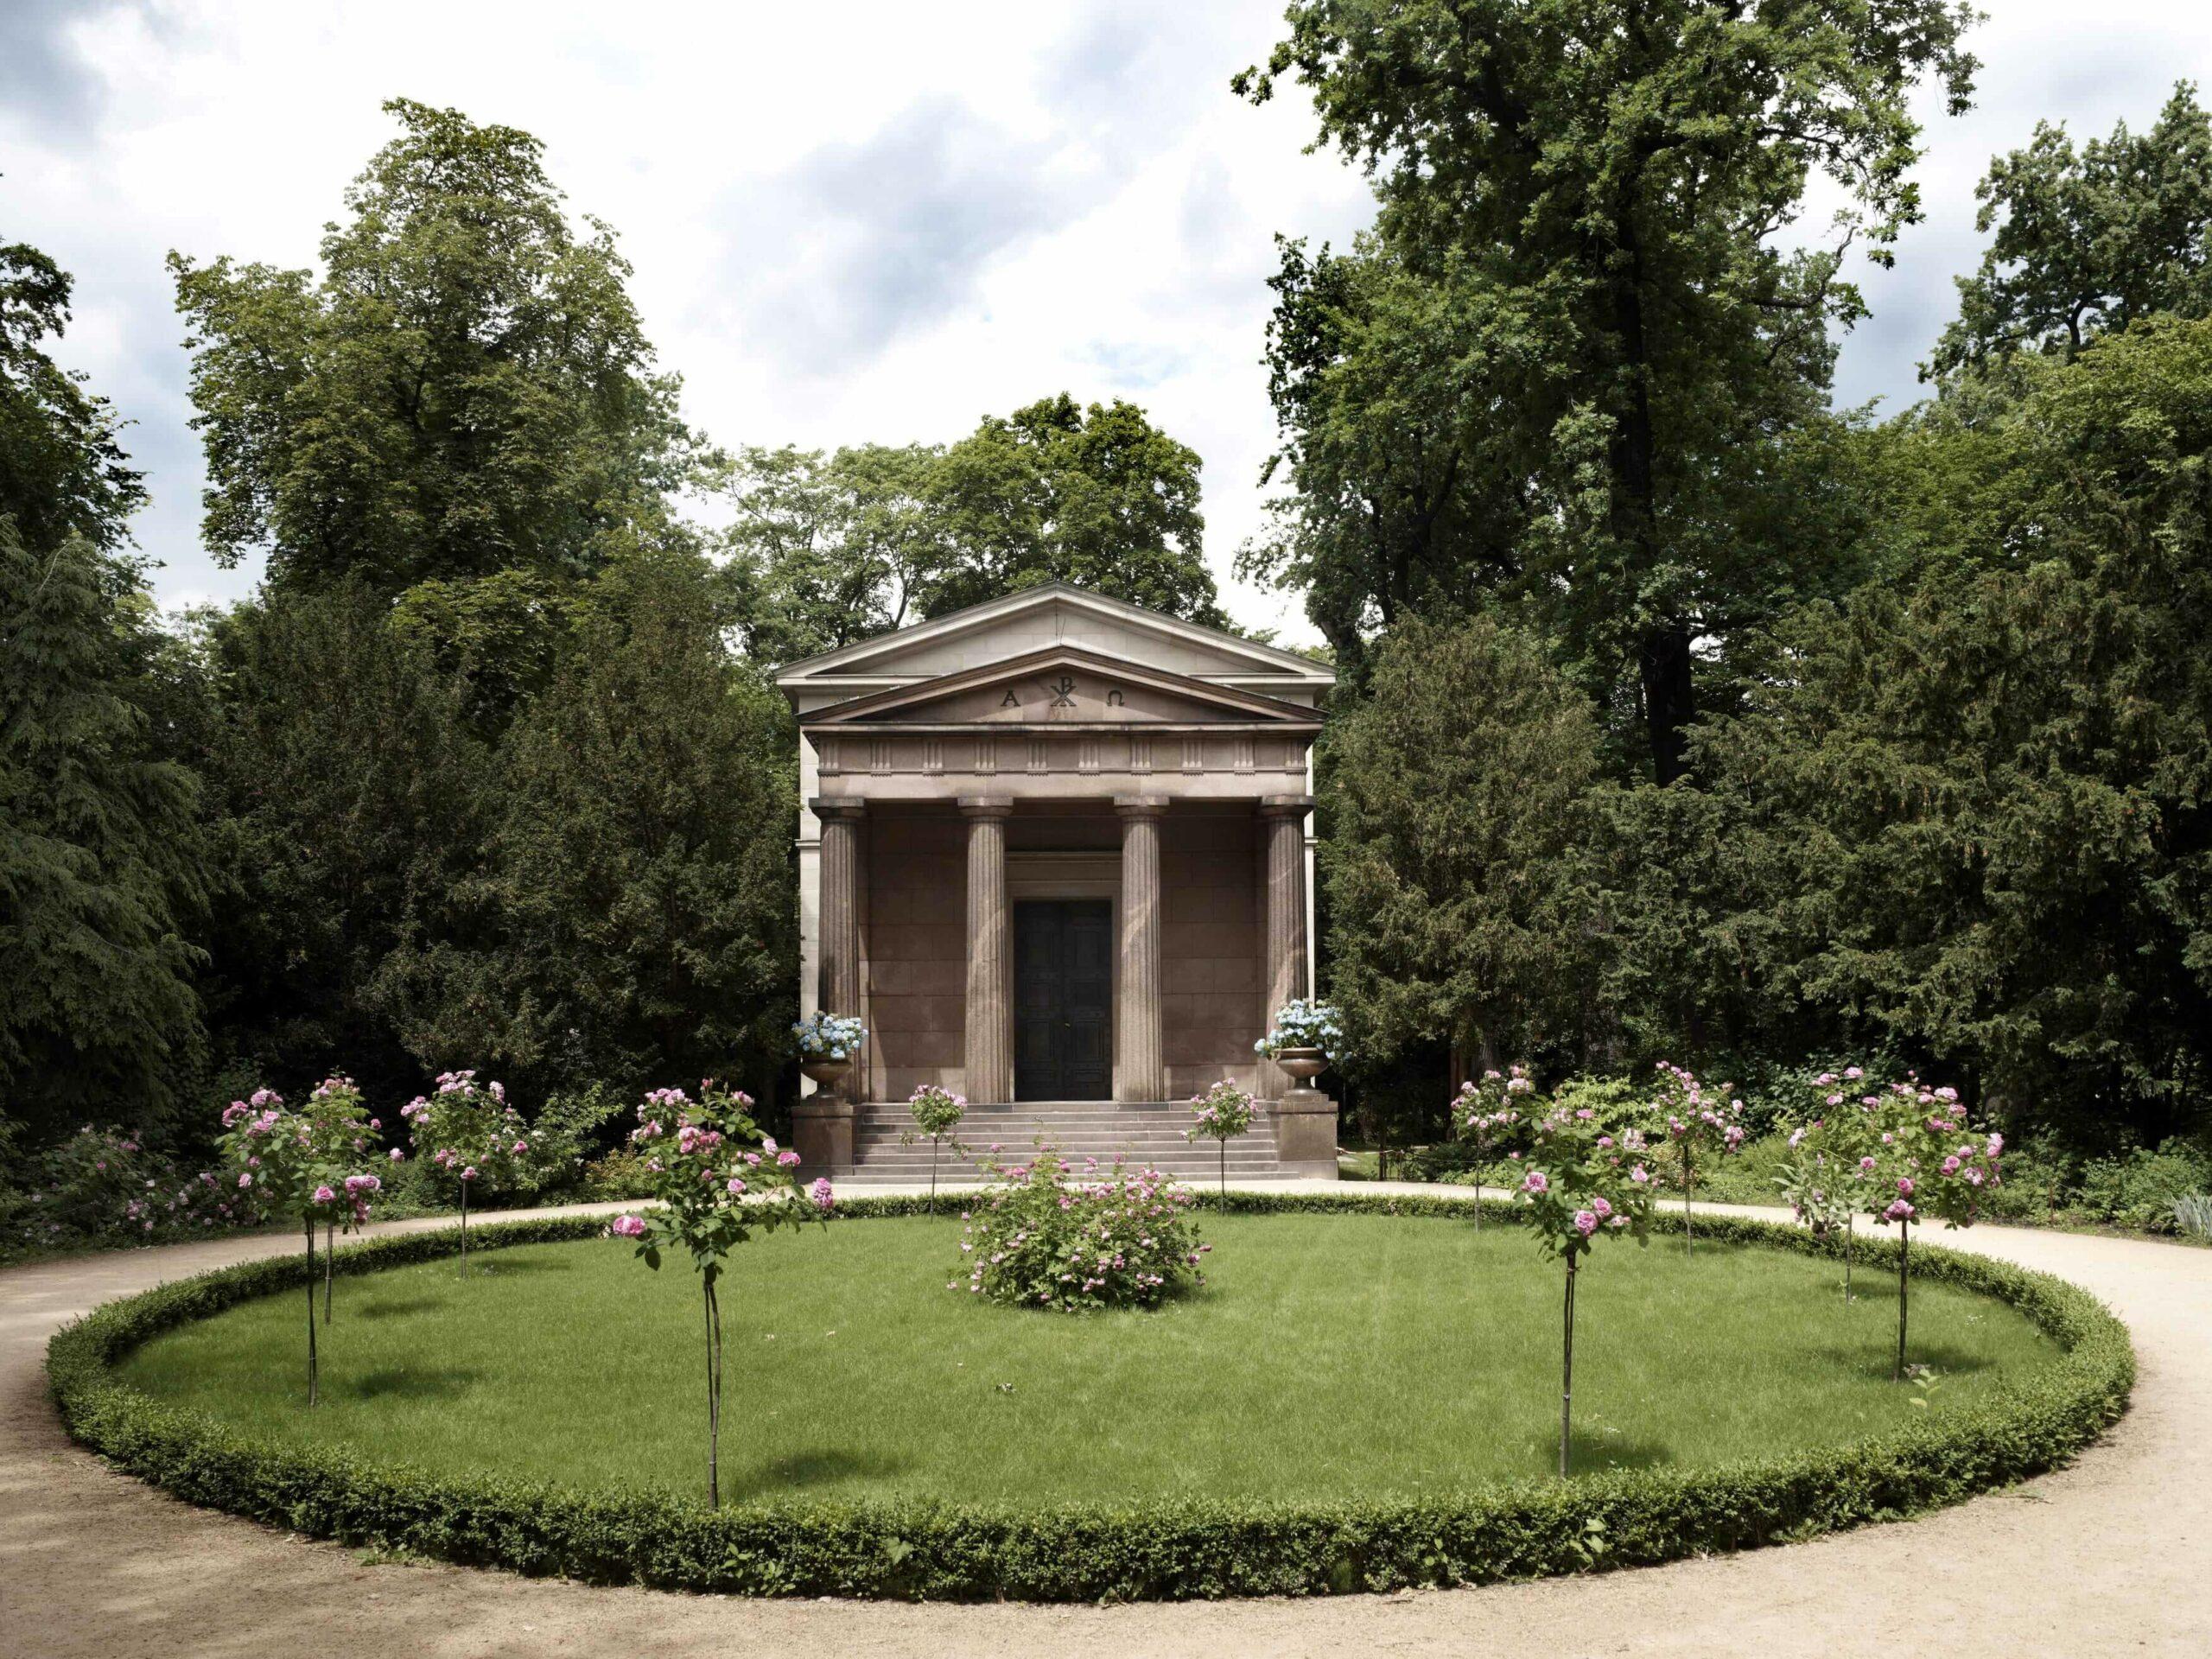 Schlossgarten Charlottenburg - Mausoleum